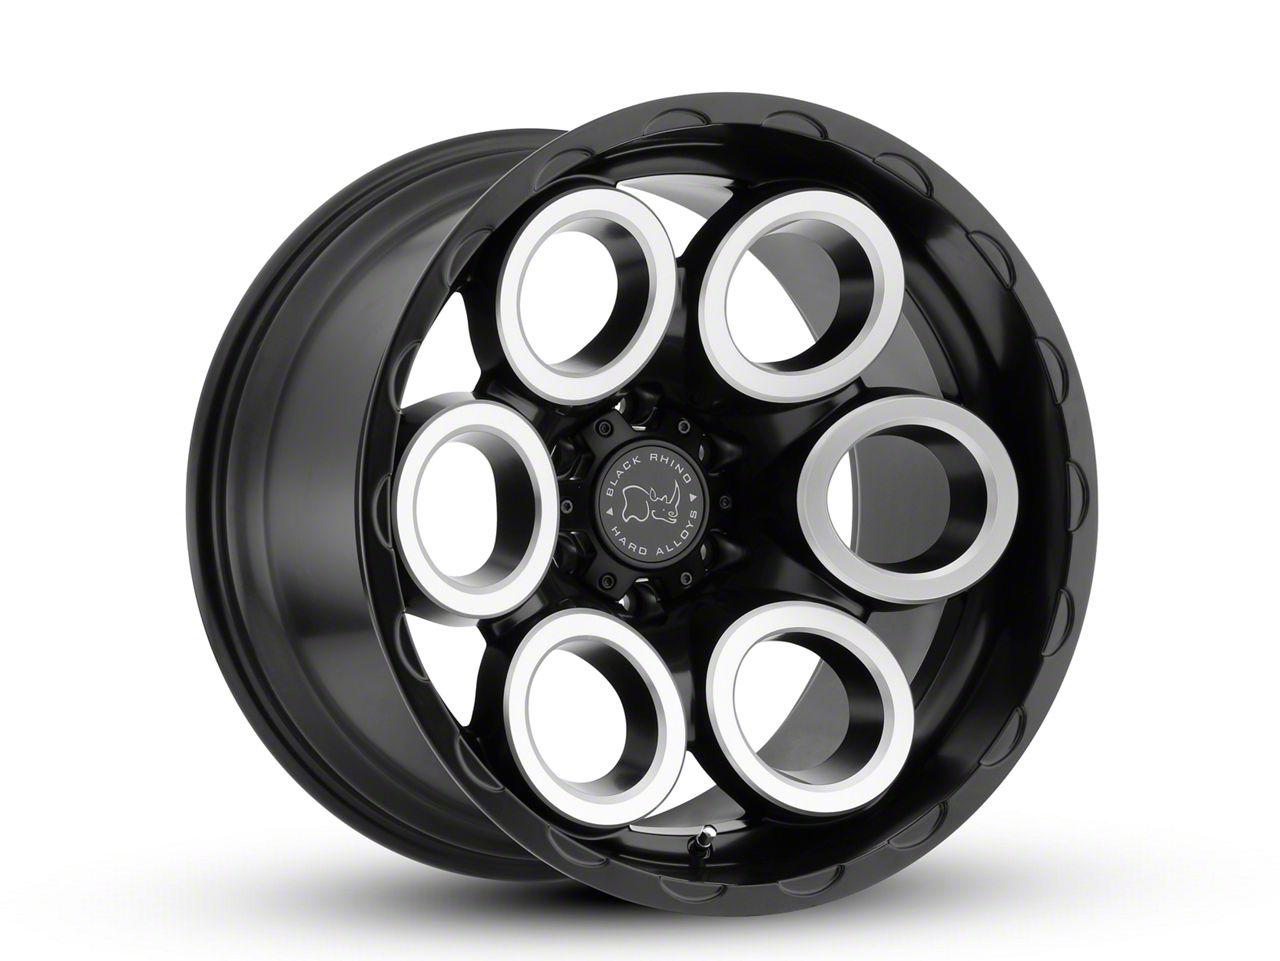 Black Rhino Magnus Matte Black Machined 6-Lug Wheel - 18x9.5 (99-18 Silverado 1500)